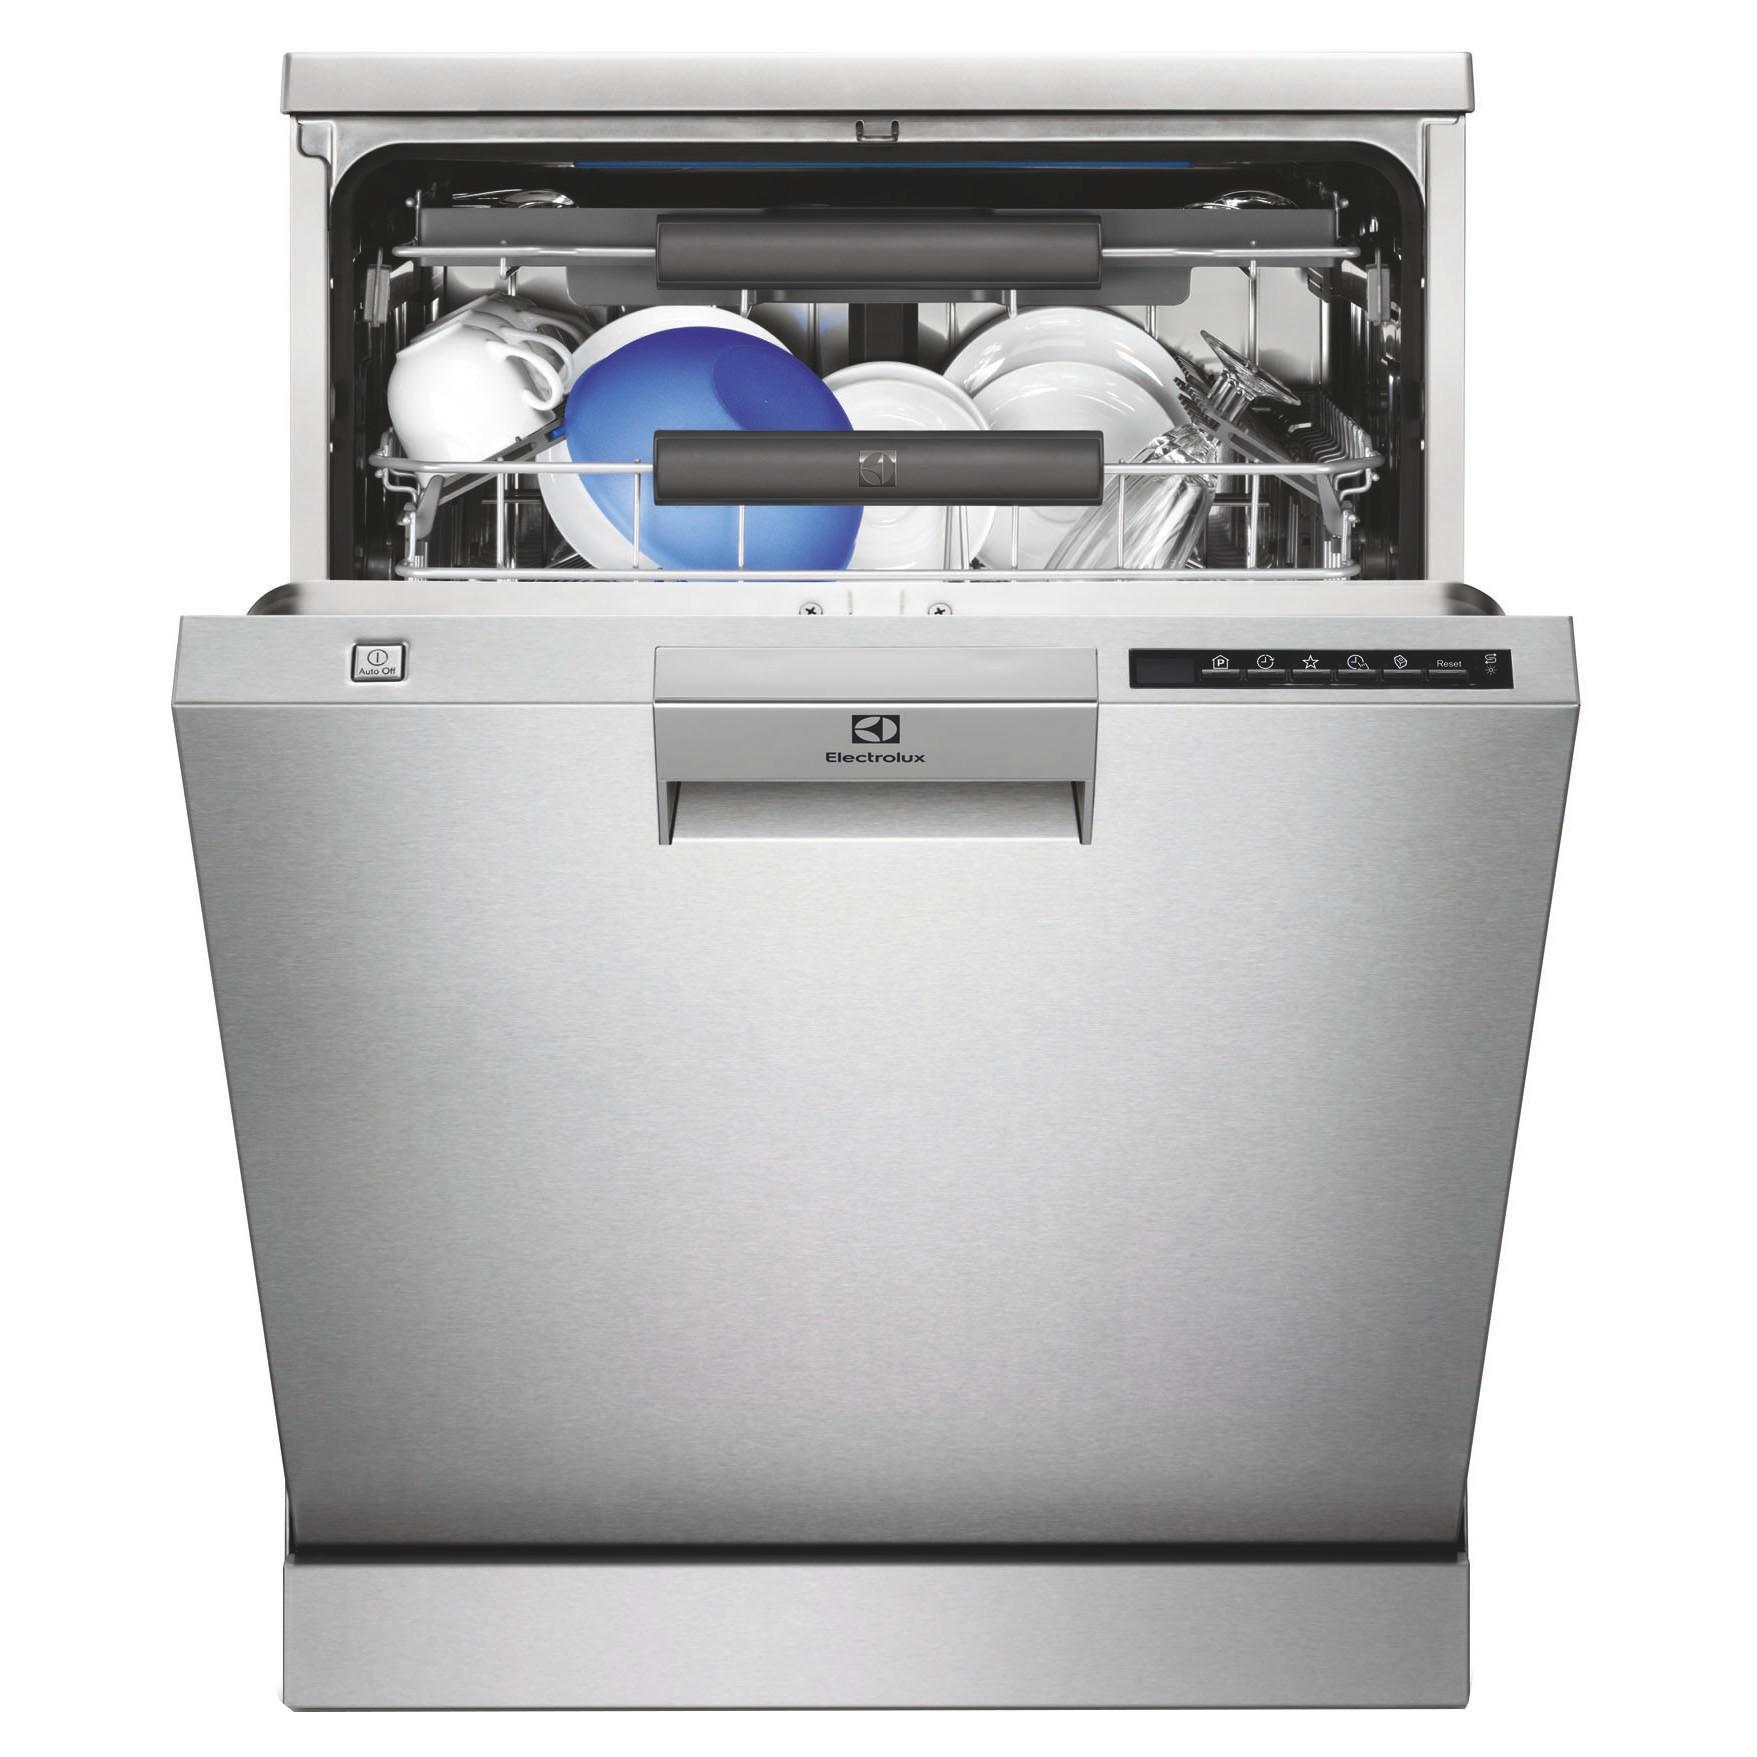 ESF8590ROX : Electrolux oppvaskmaskin ESF8590ROX (stål)